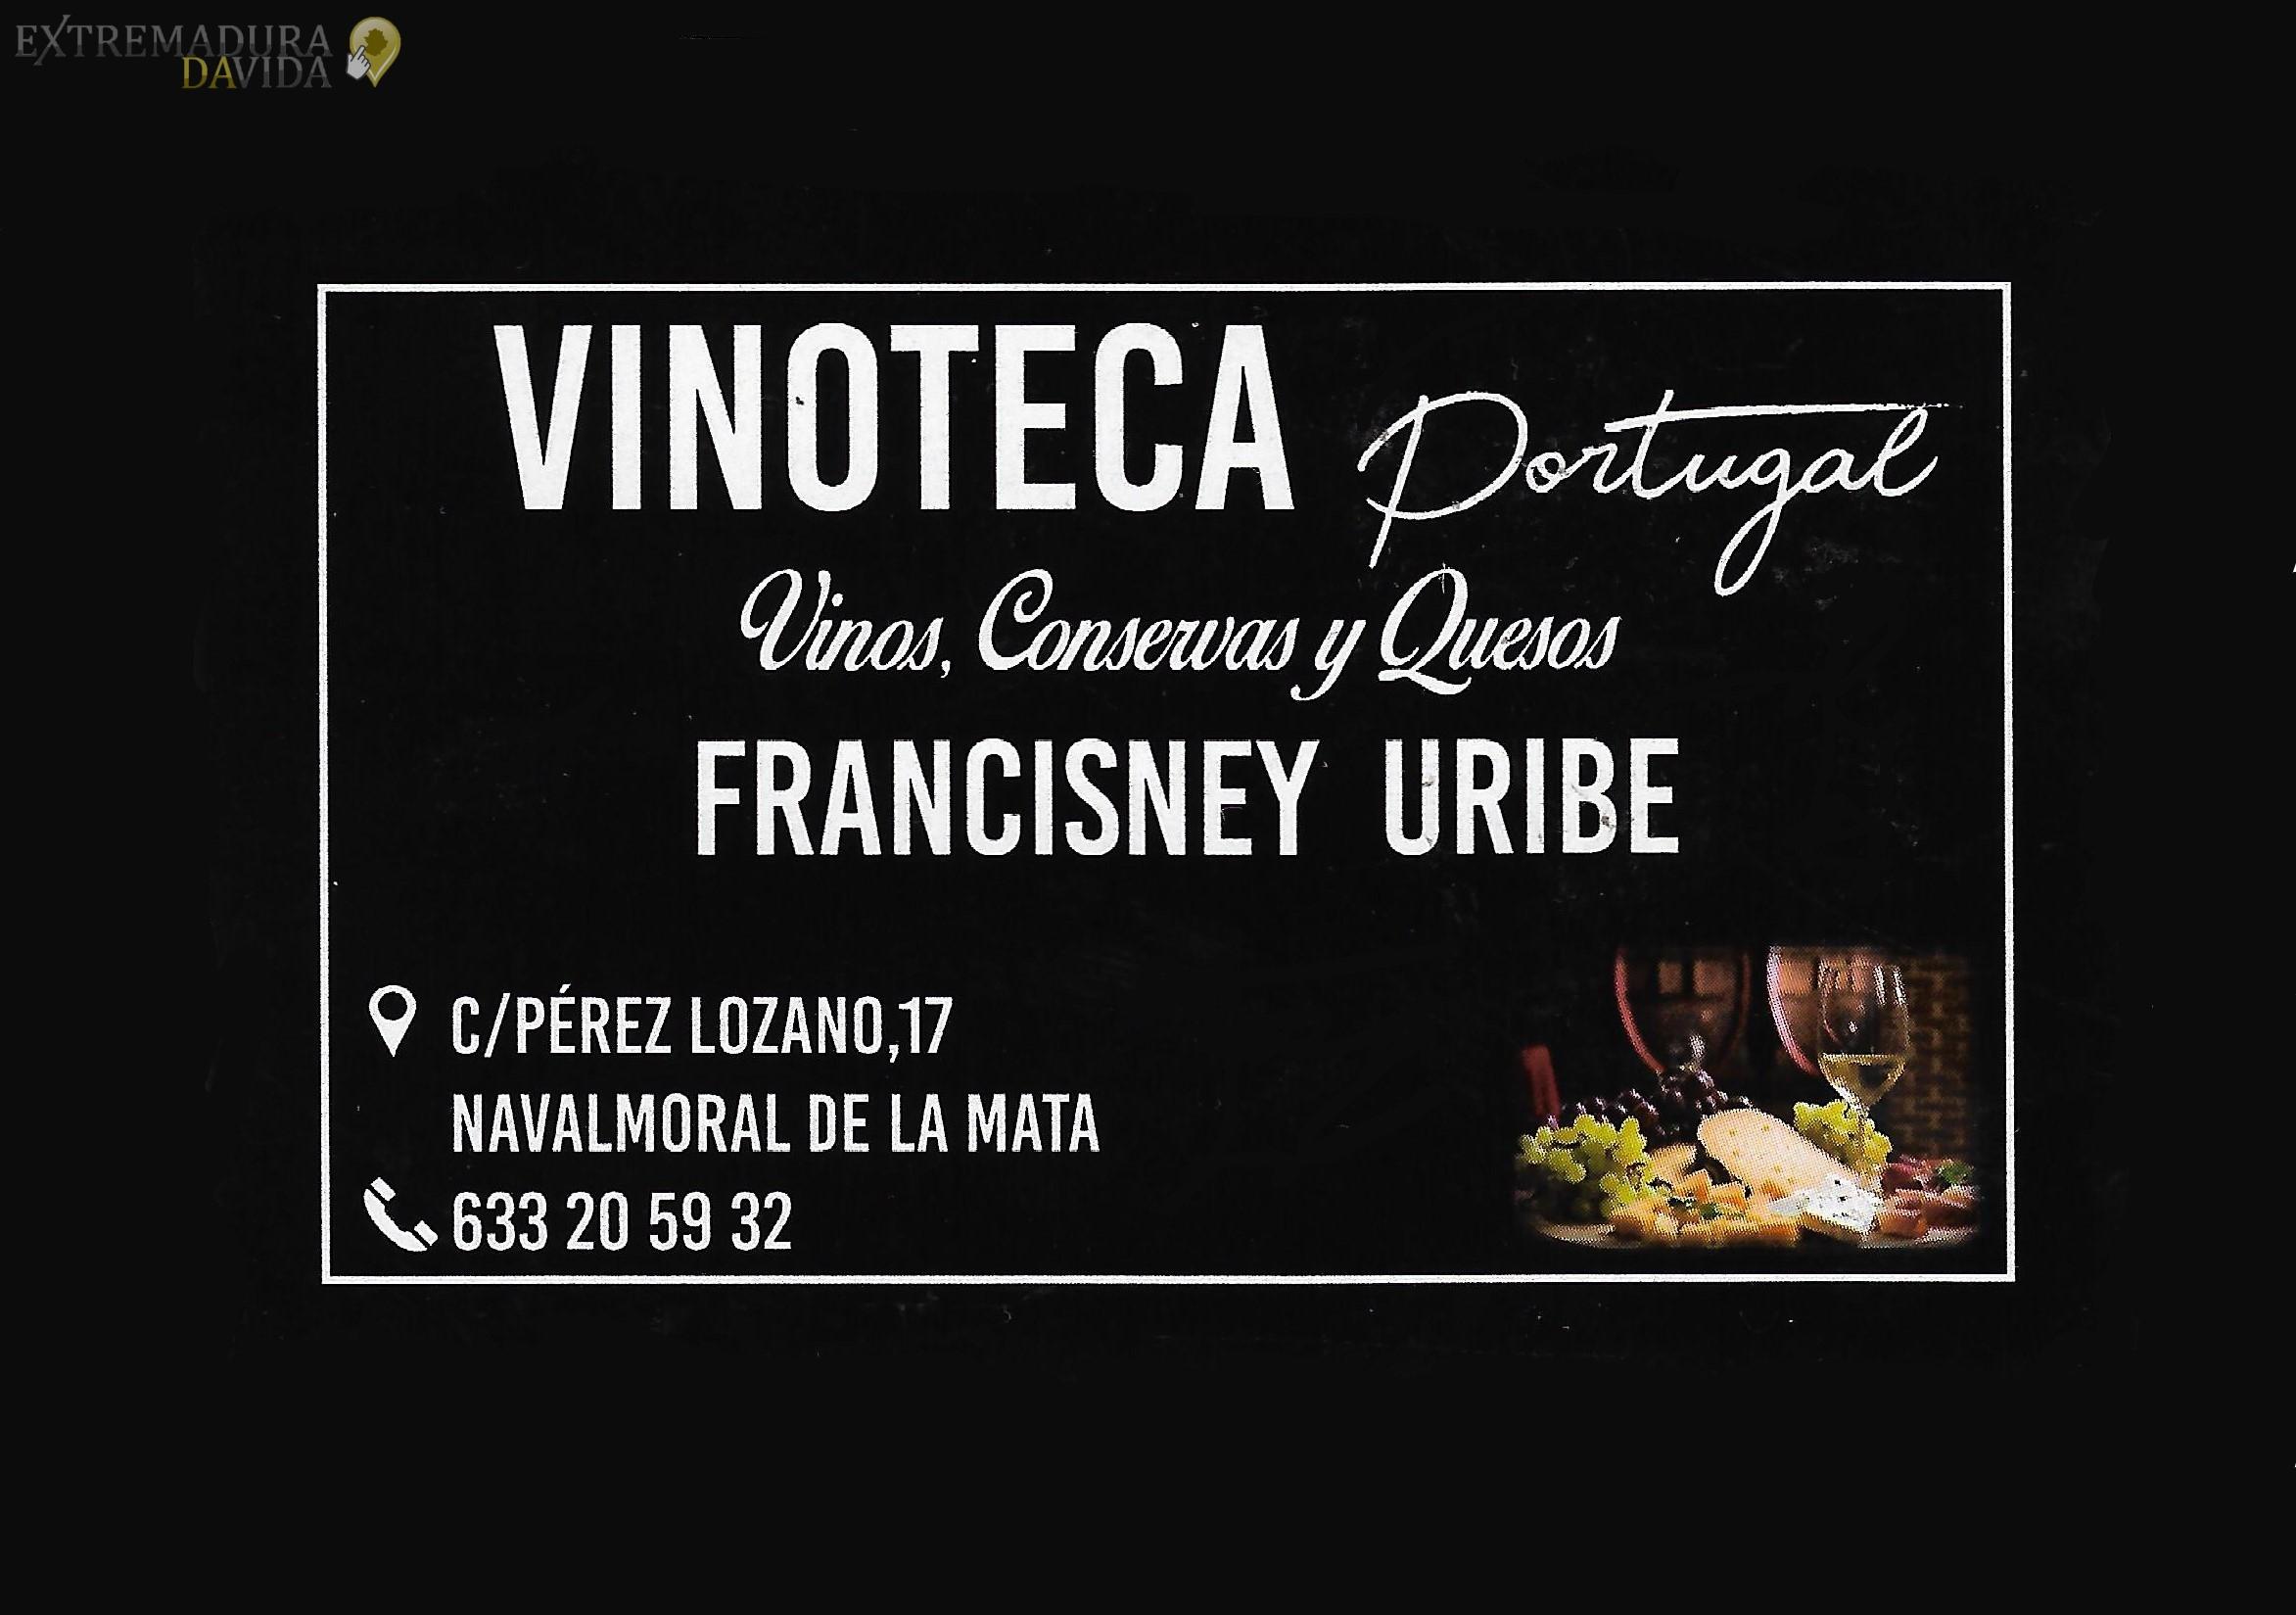 Vinoteca pruductos gourmet Navalmoral de la Mata Francisney Uribe